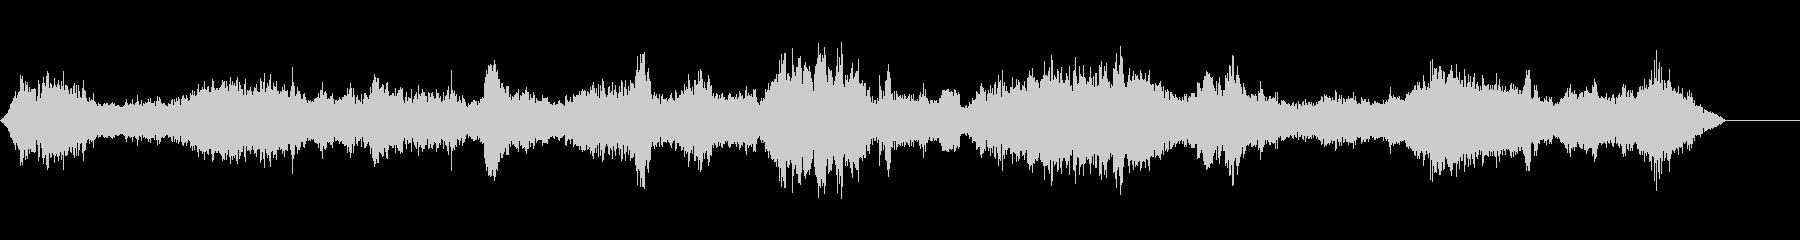 ゾンビ(グループ)ホイッスルブレス3の未再生の波形